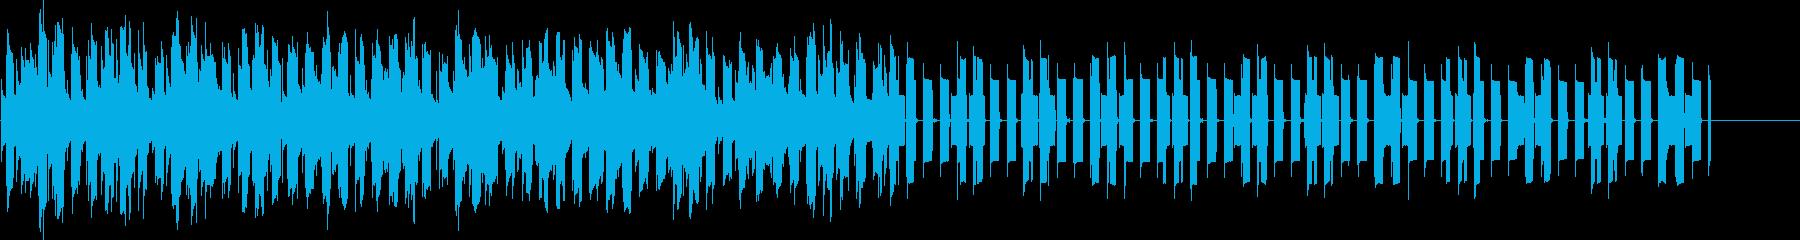 目覚まし時計のアラームベル音2の再生済みの波形